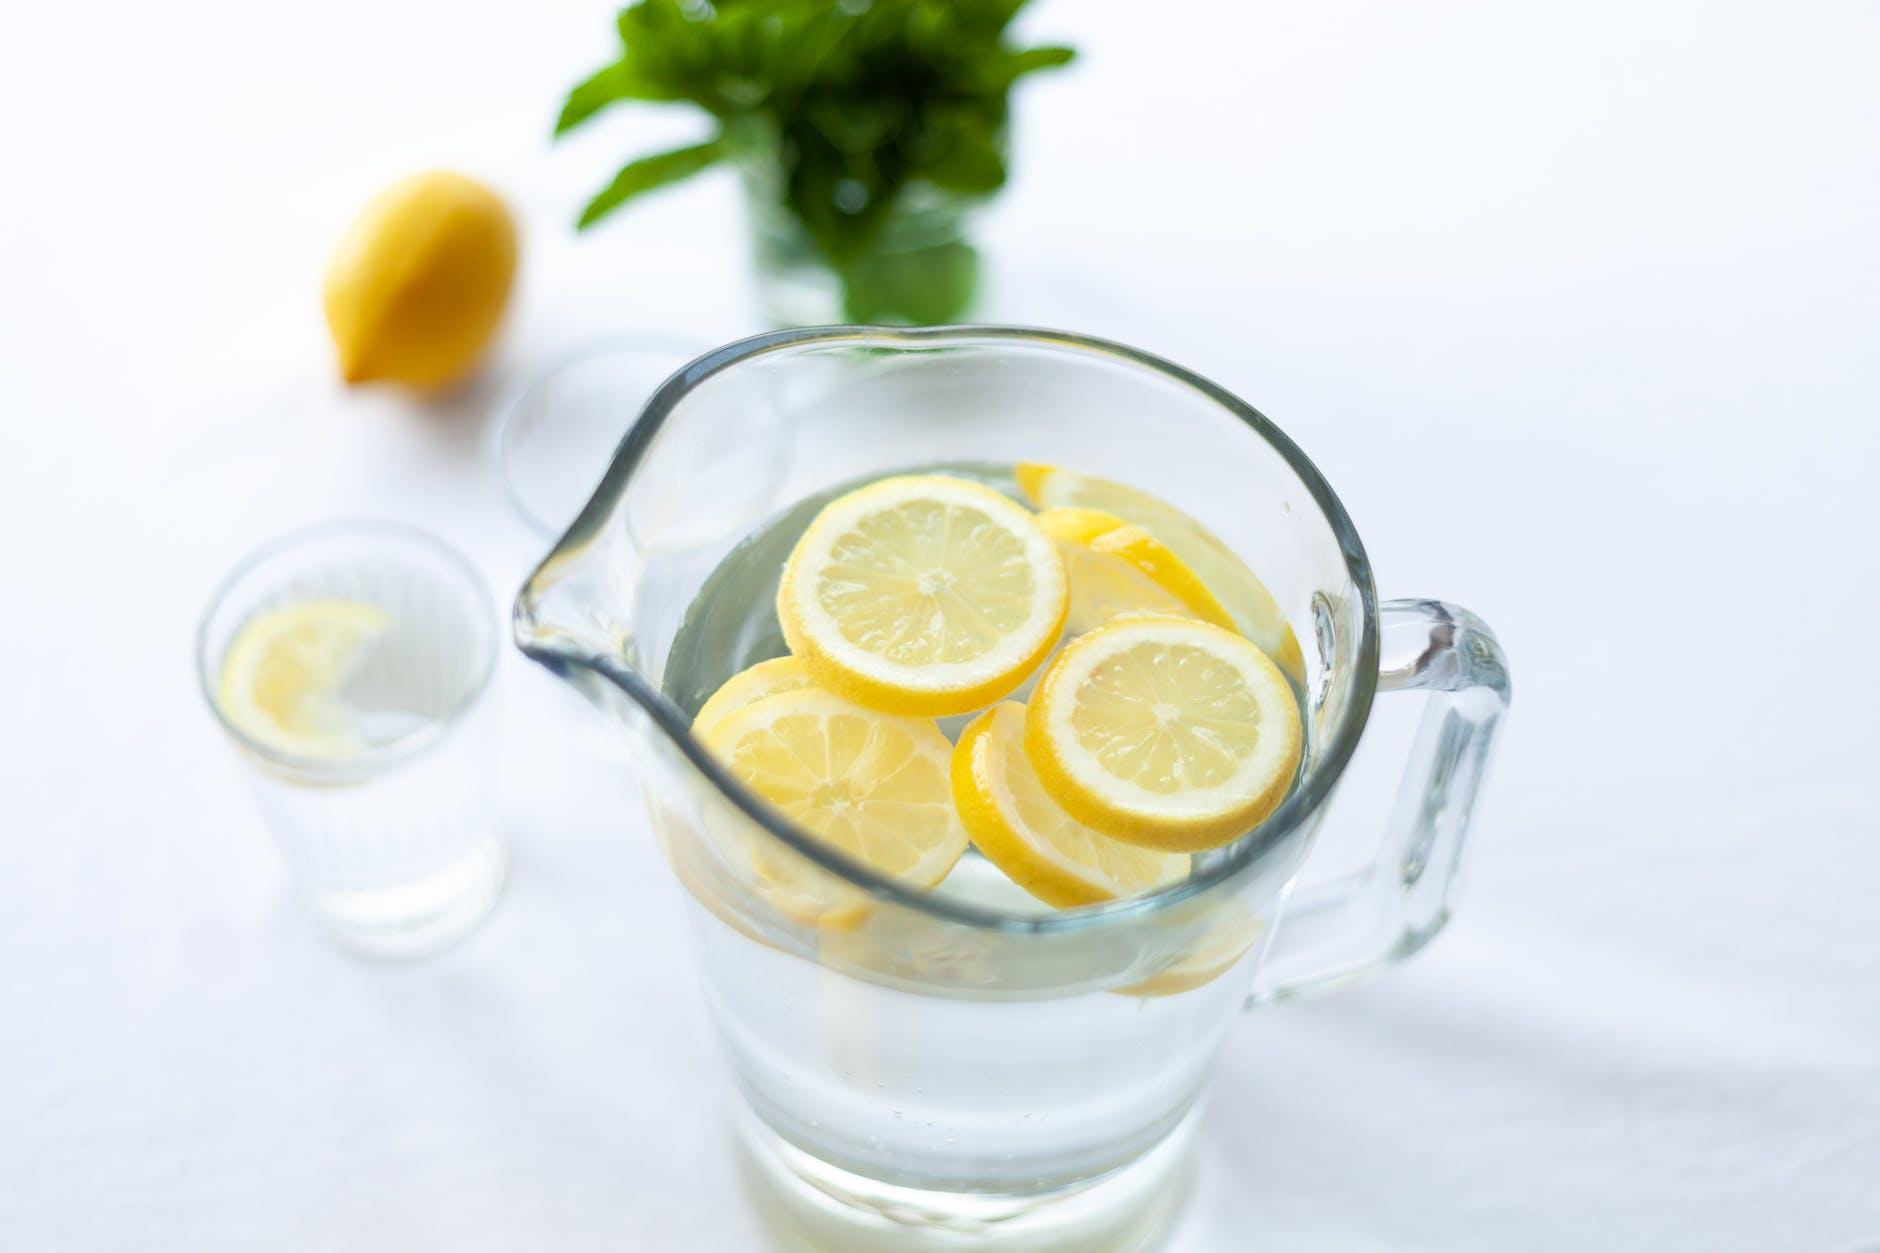 Sliced lemon fruit in glass pitcher